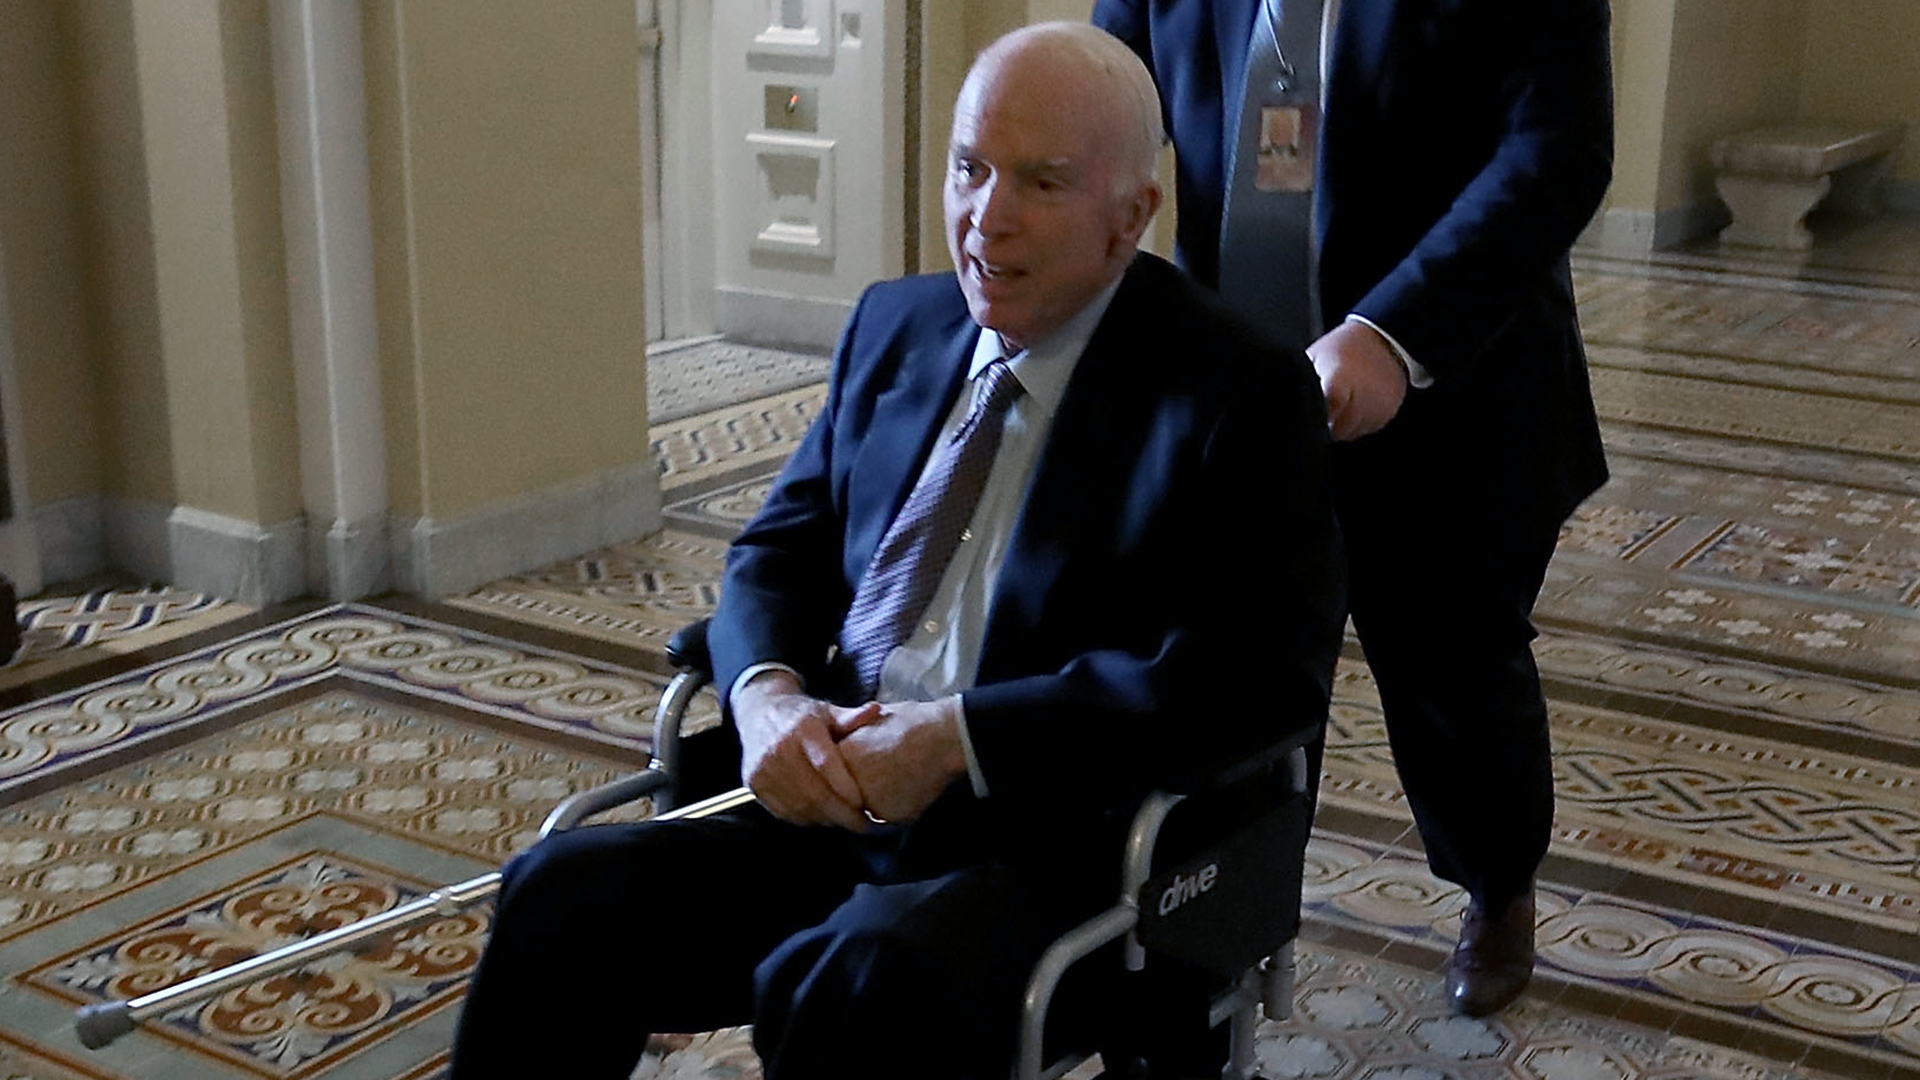 John McCain Nov 30 2017-159532.jpg08785172